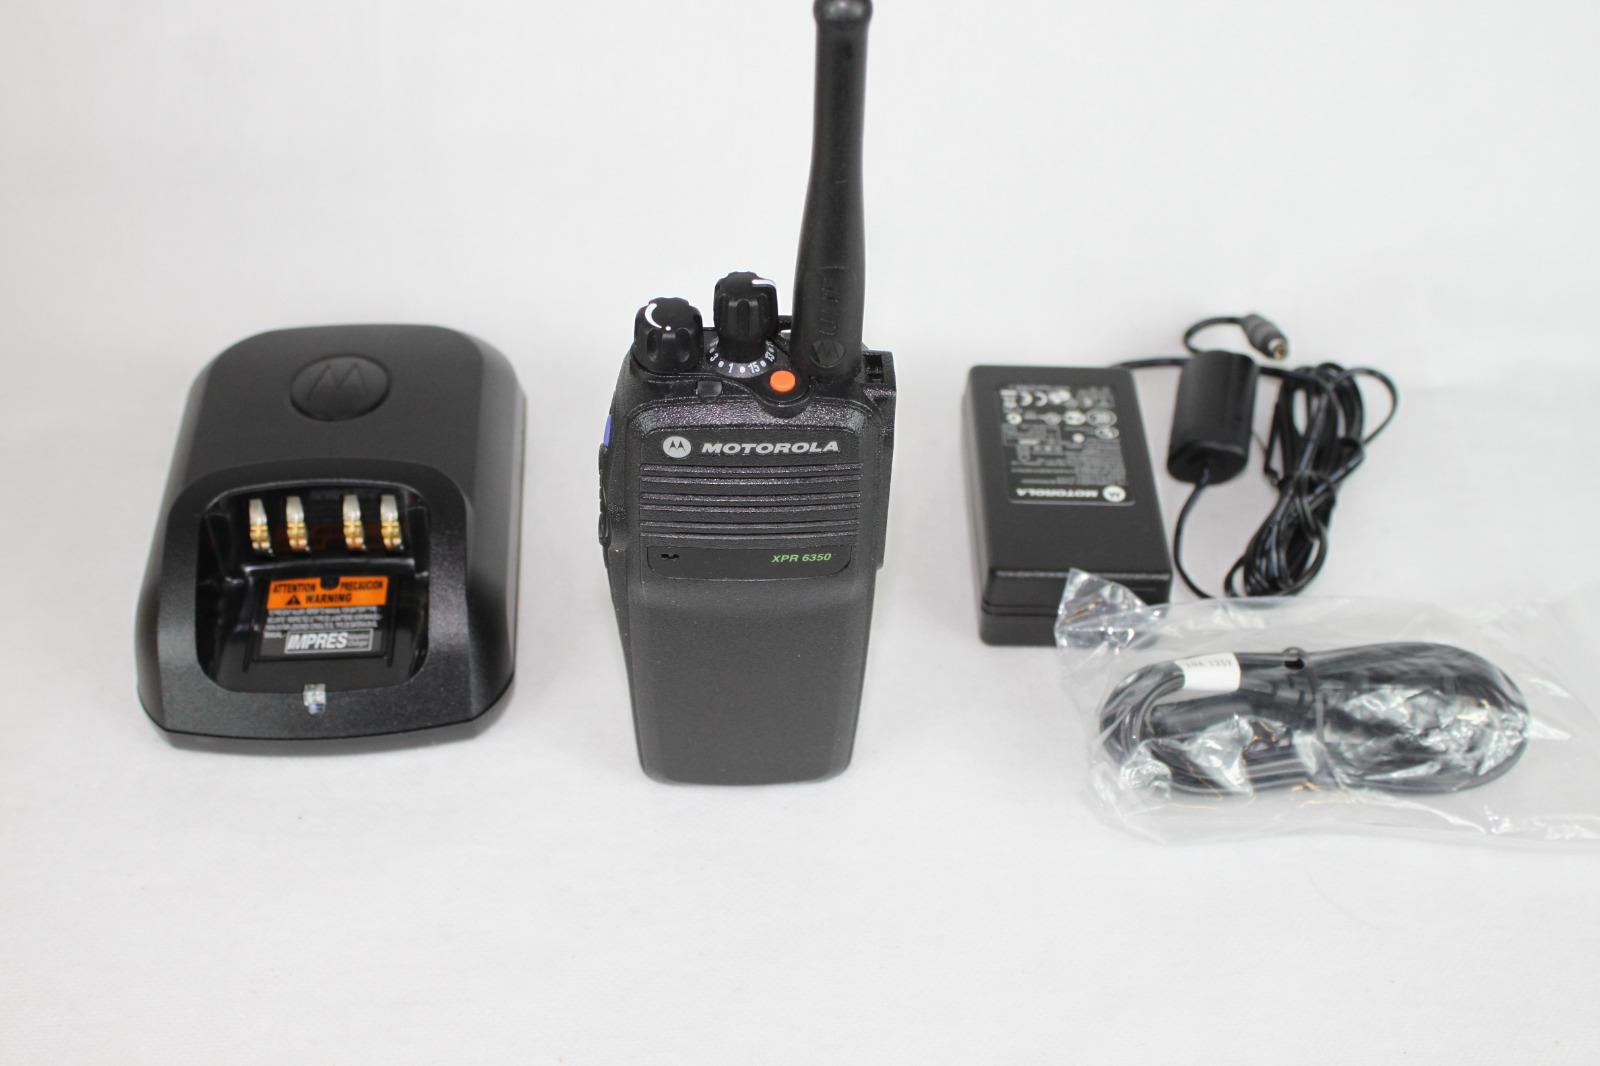 Motorola XPR6350 XPR 6350 TRBO 403-470 32 CH AAH55QDC9LA1AN